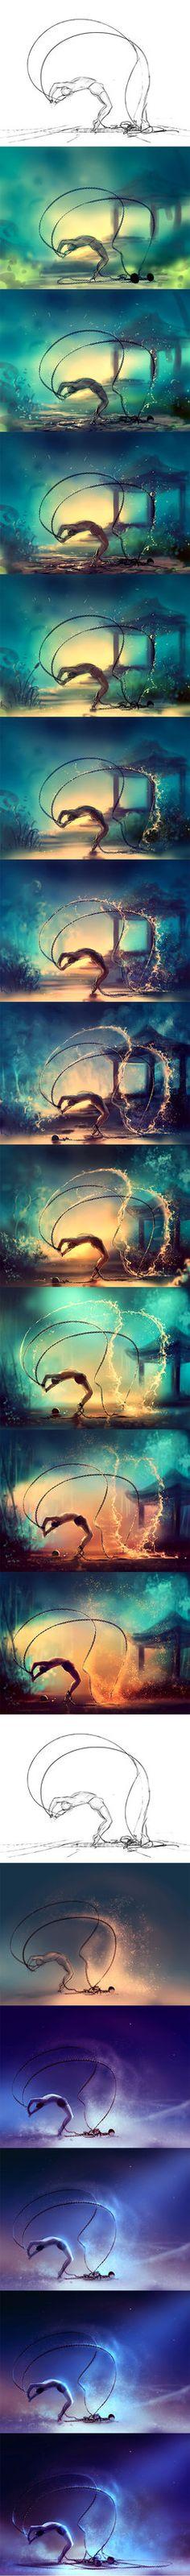 WIP of danser avec ses chaines